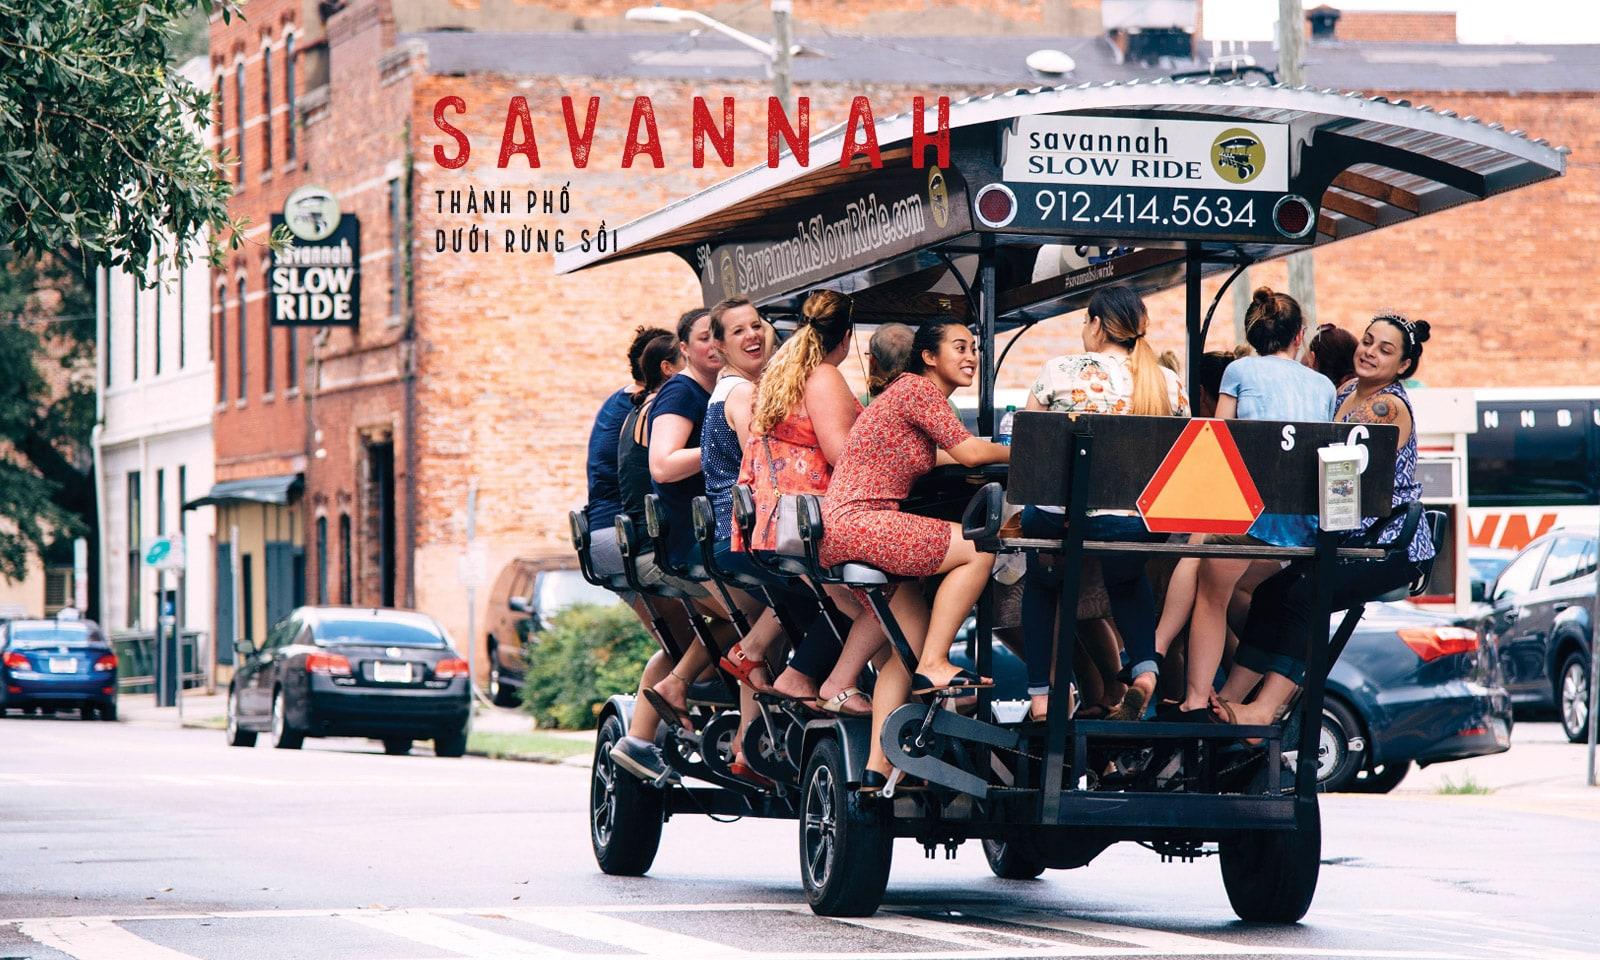 Savannah - thành phố bí ẩn dưới rừng sồi